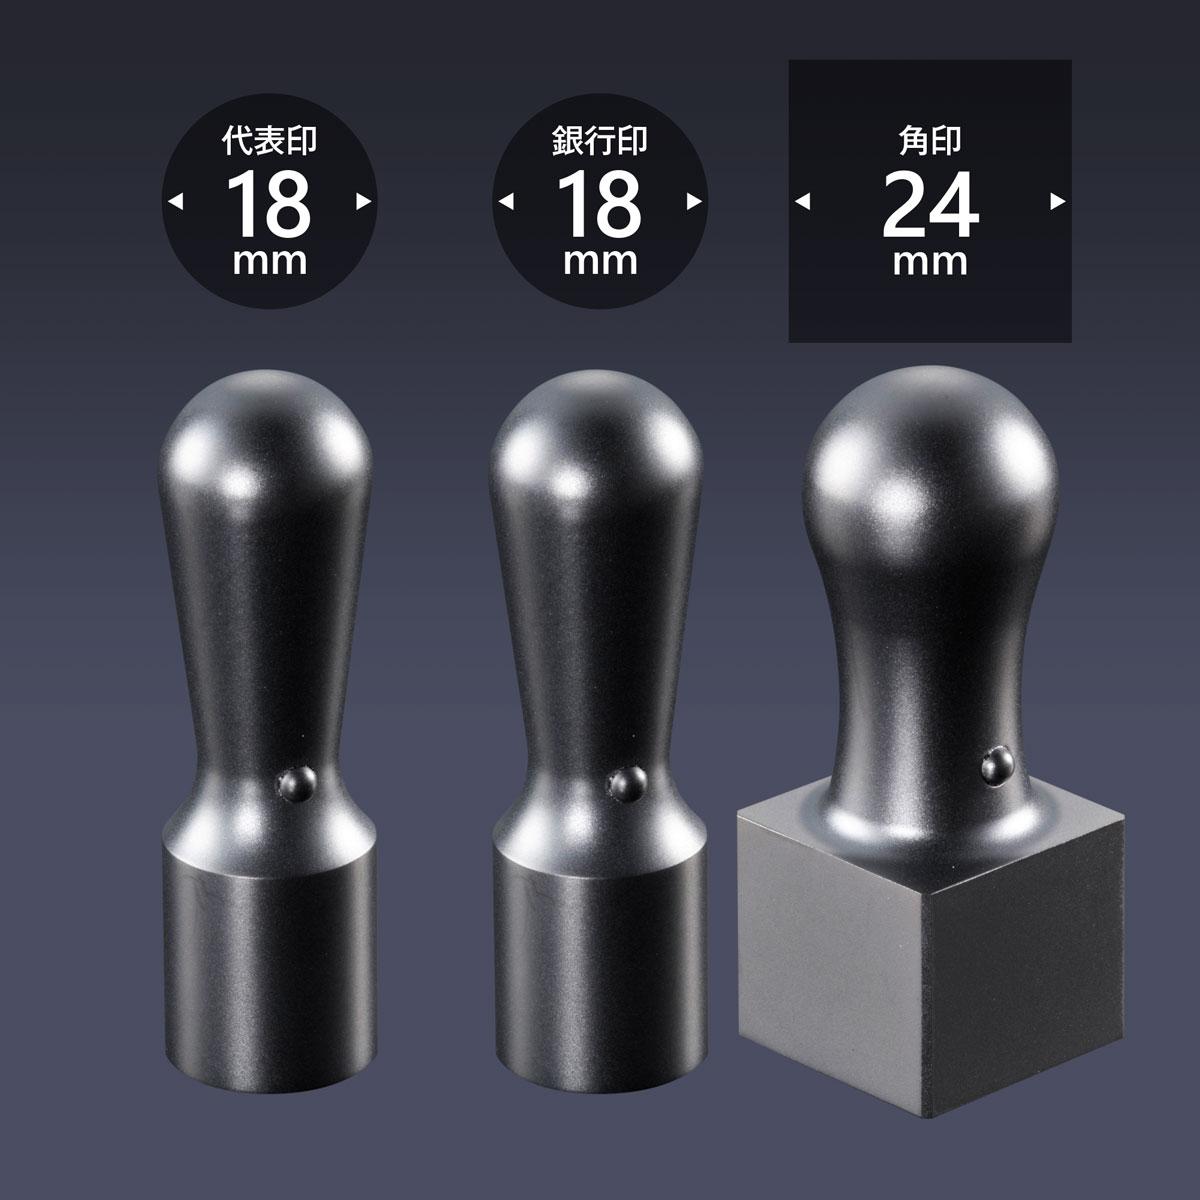 会社印 ブラストチタン(ブラック)3本F24セット/送料無料 法人 会社設立 実印 銀行印 角印 女性 法人印鑑 社印